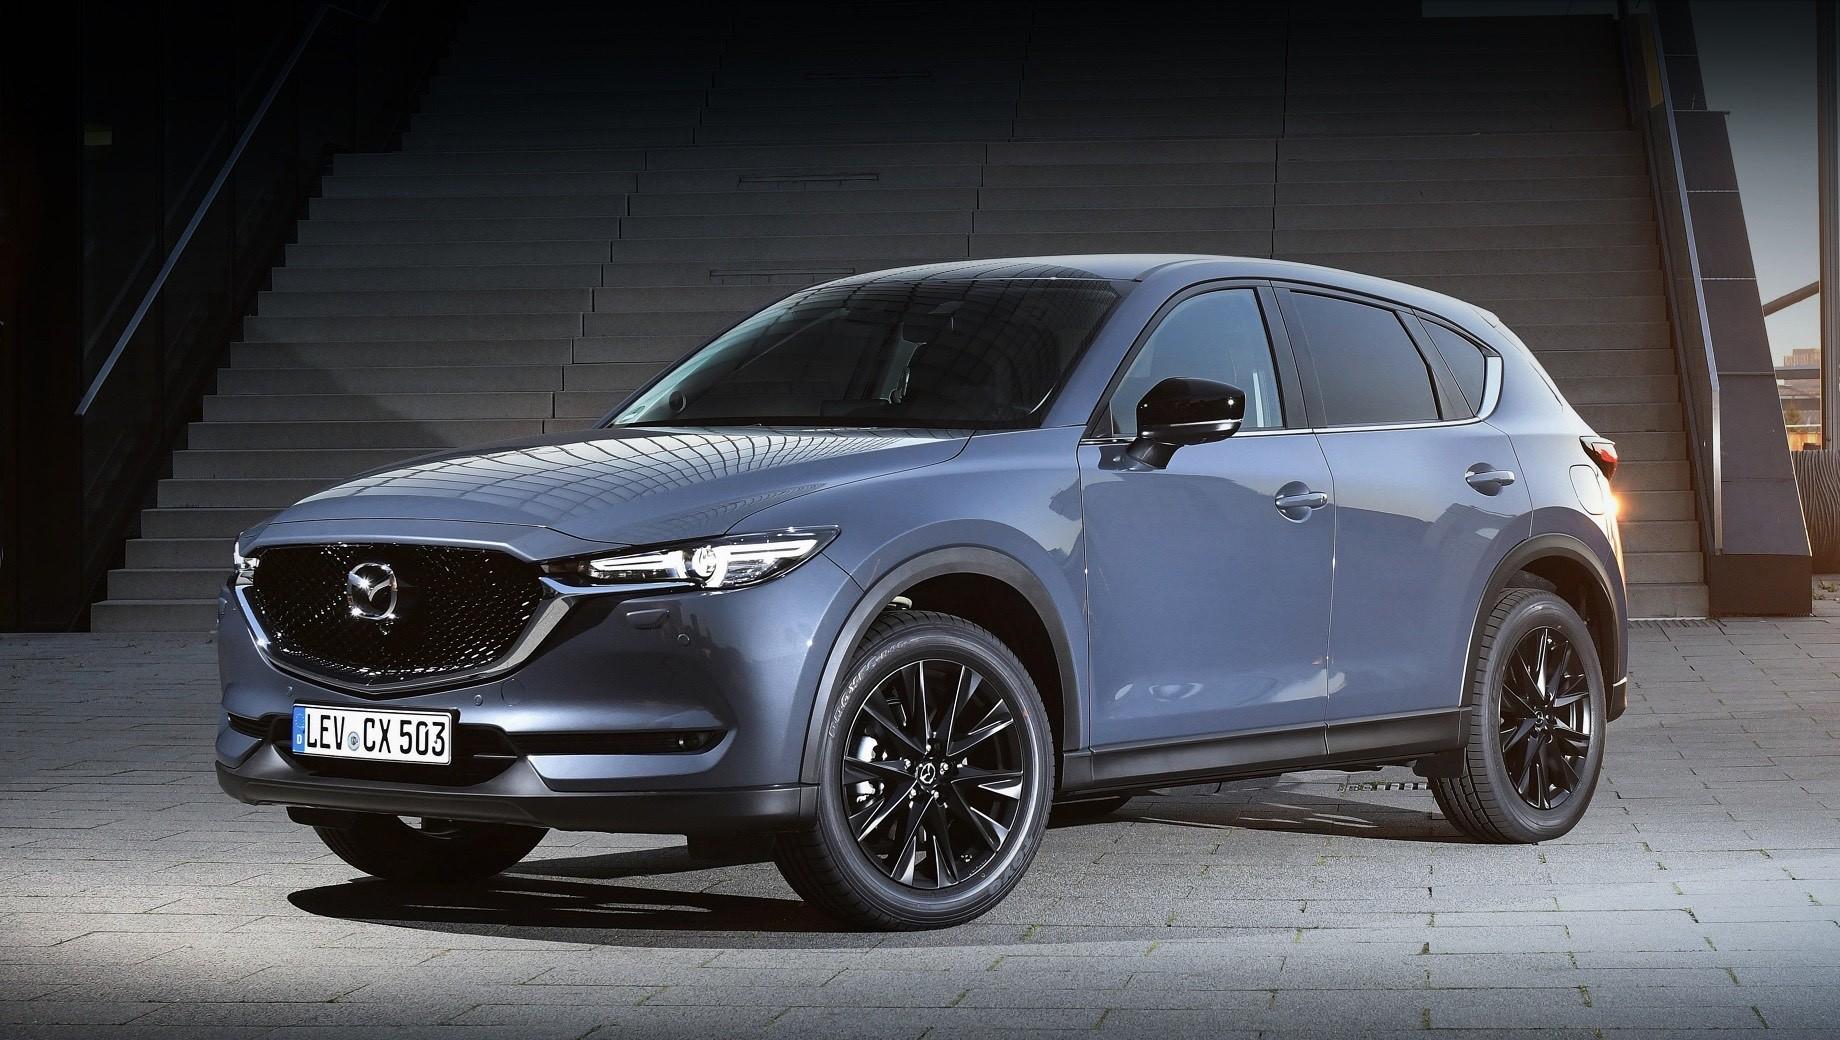 Mazda cx-5. Превращение кроссовера Mazda CX-5 в полноценный премиум-продукт будет постепенным, поэтому не стоит ждать, что автомобиль с ходу даст бой таким моделям, как Audi Q5, BMW X3 и Mercedes GLC. А вот на конкуренцию с автомобилями Lexus, Volvo и Infiniti надеяться можно.